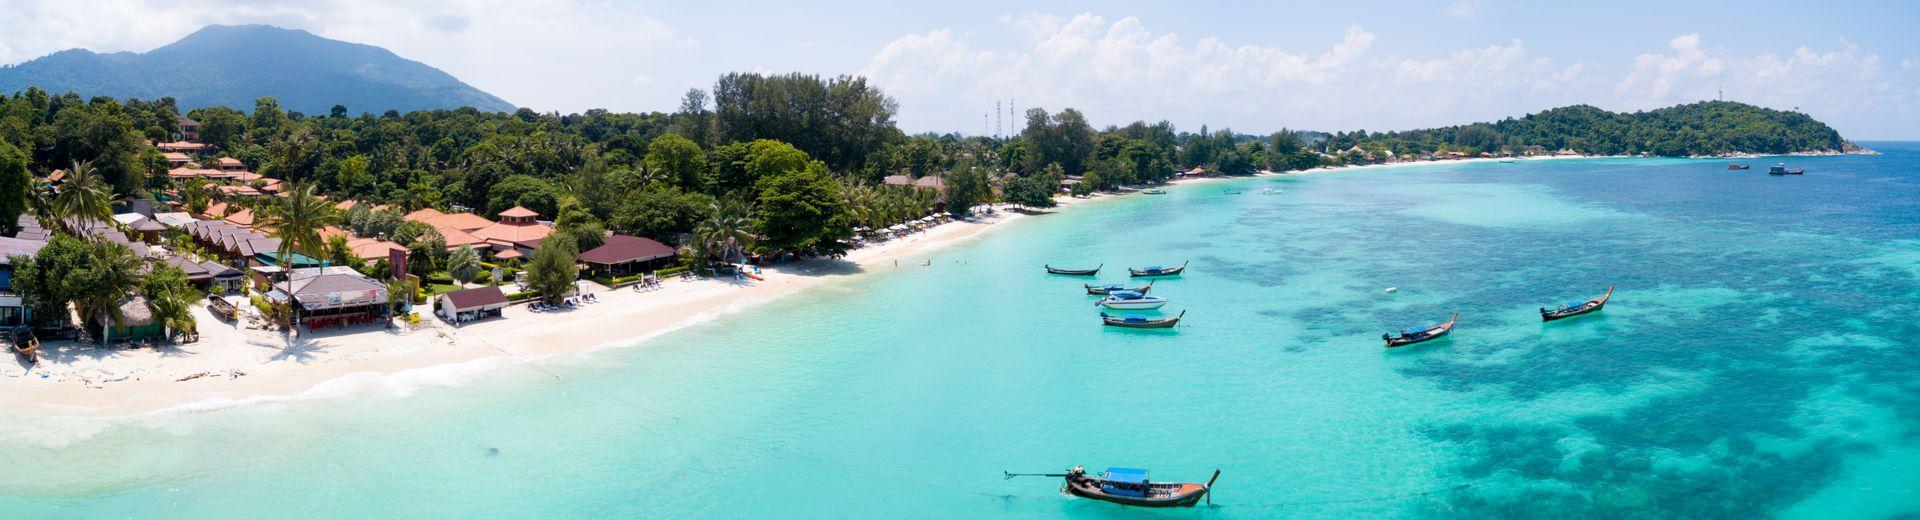 Tipp für Pärchen: Traumurlaub in Thailand